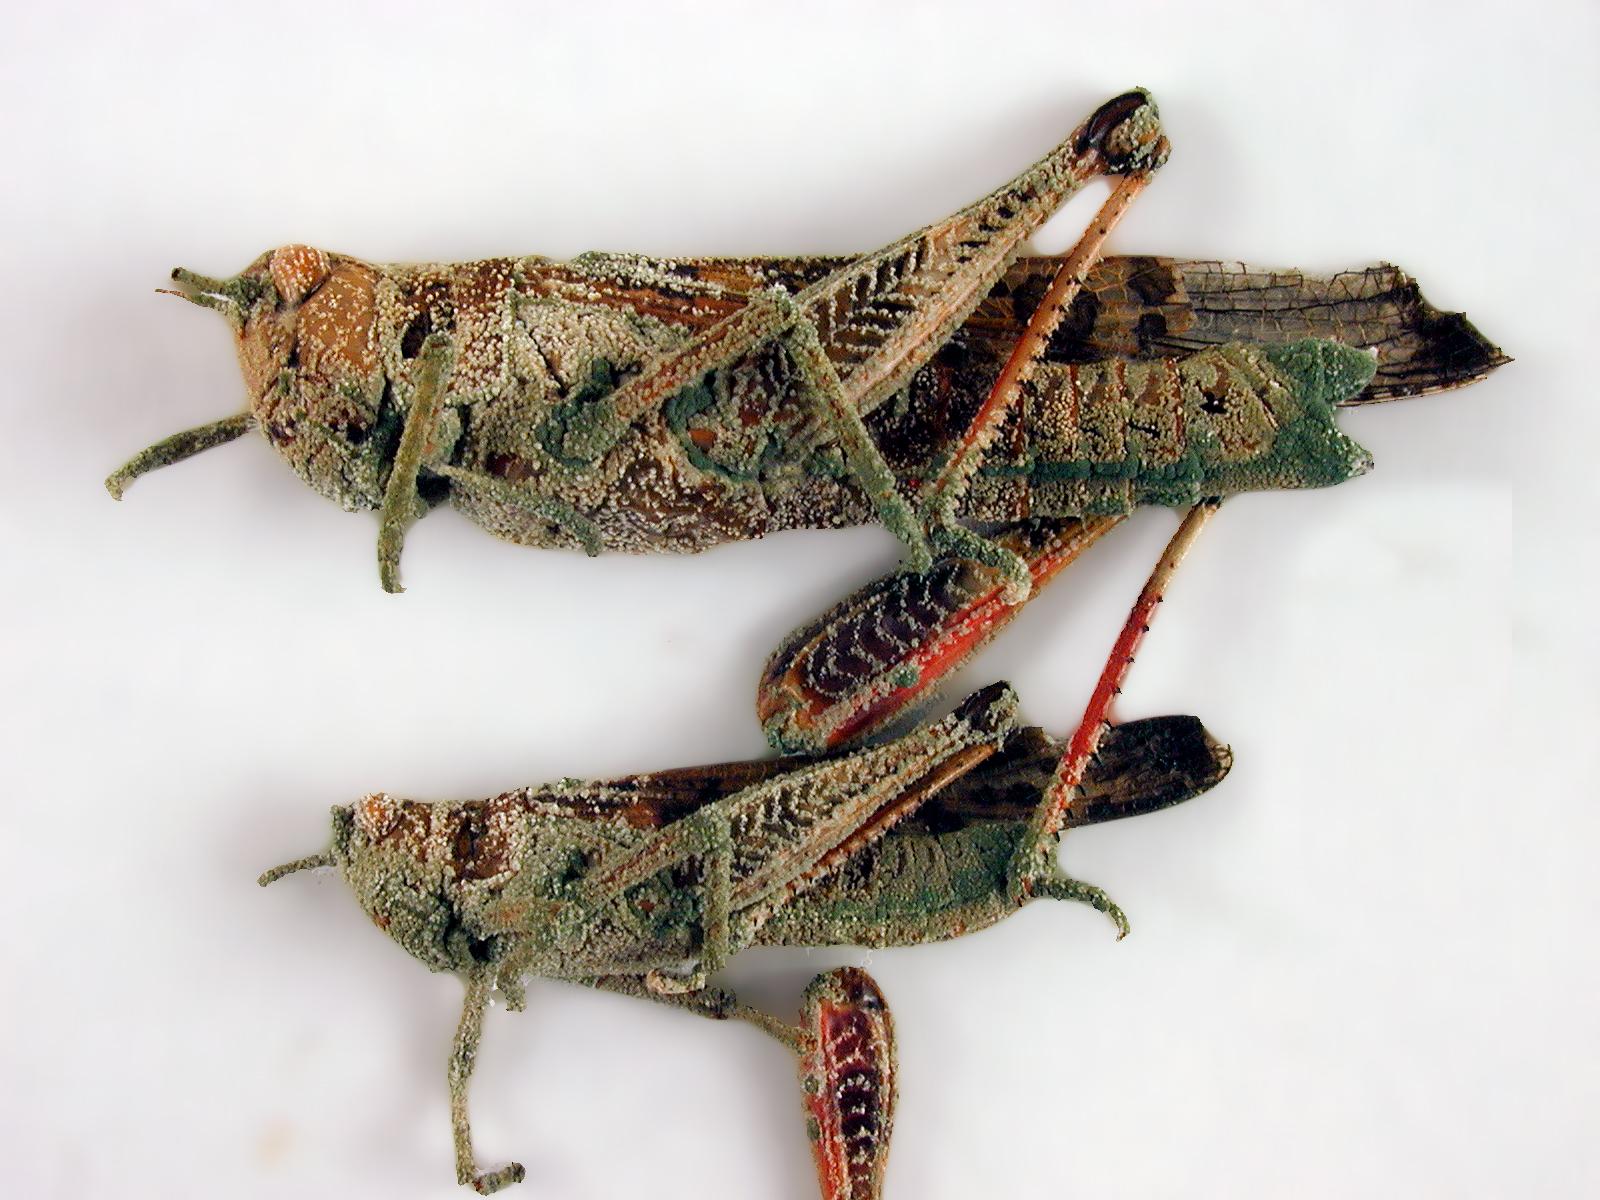 แมลงที่โดนเชื้อจุลินทรีย์ เมธาไรเซียม